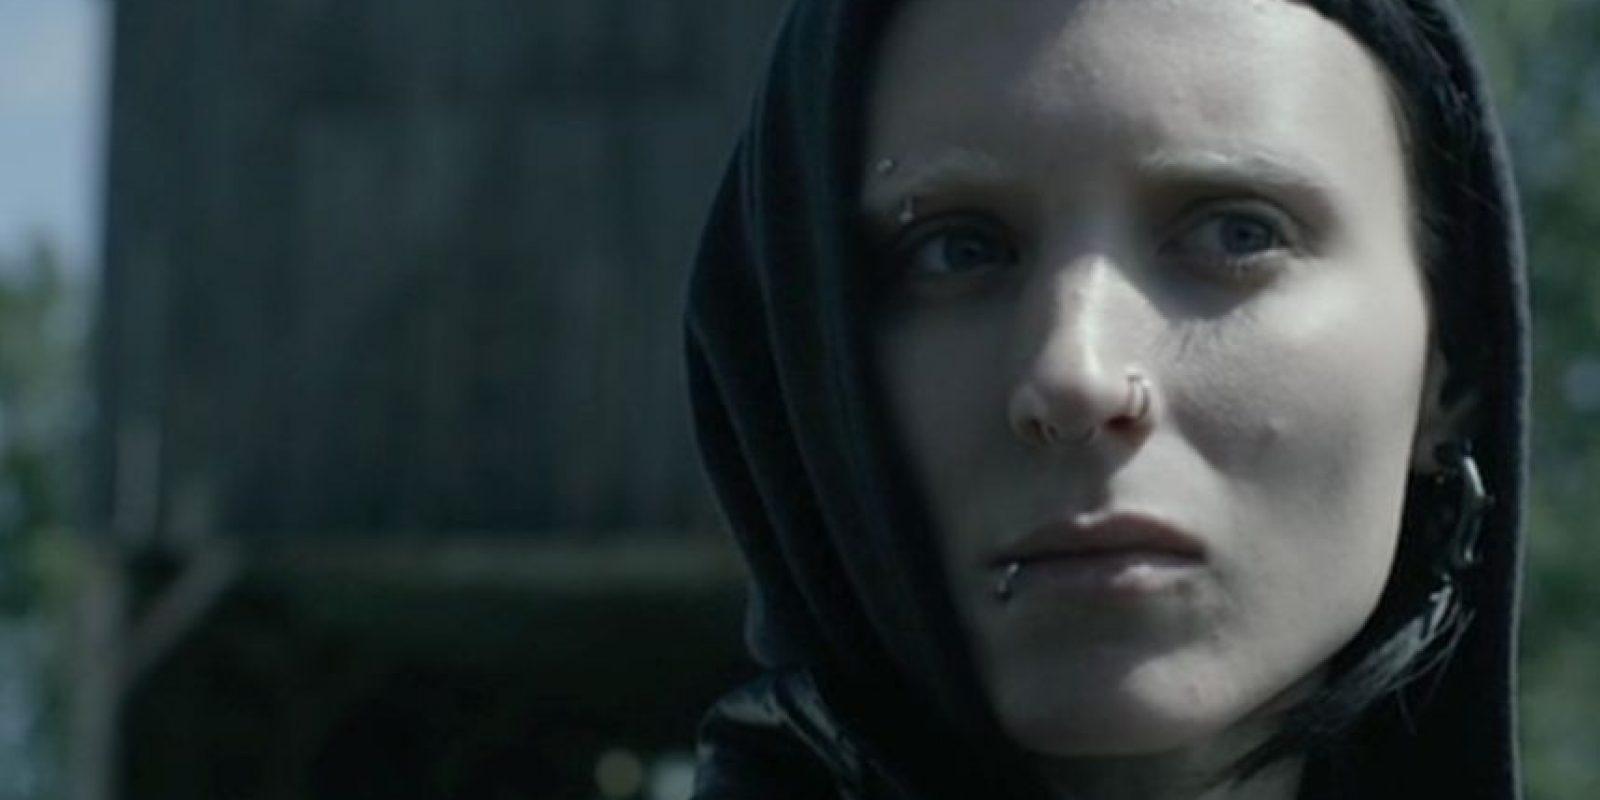 """Representó a la icónica Lisbeth Salander, protagonista de la saga de novelas """"Millennium"""" Foto:Columbia Pictures"""